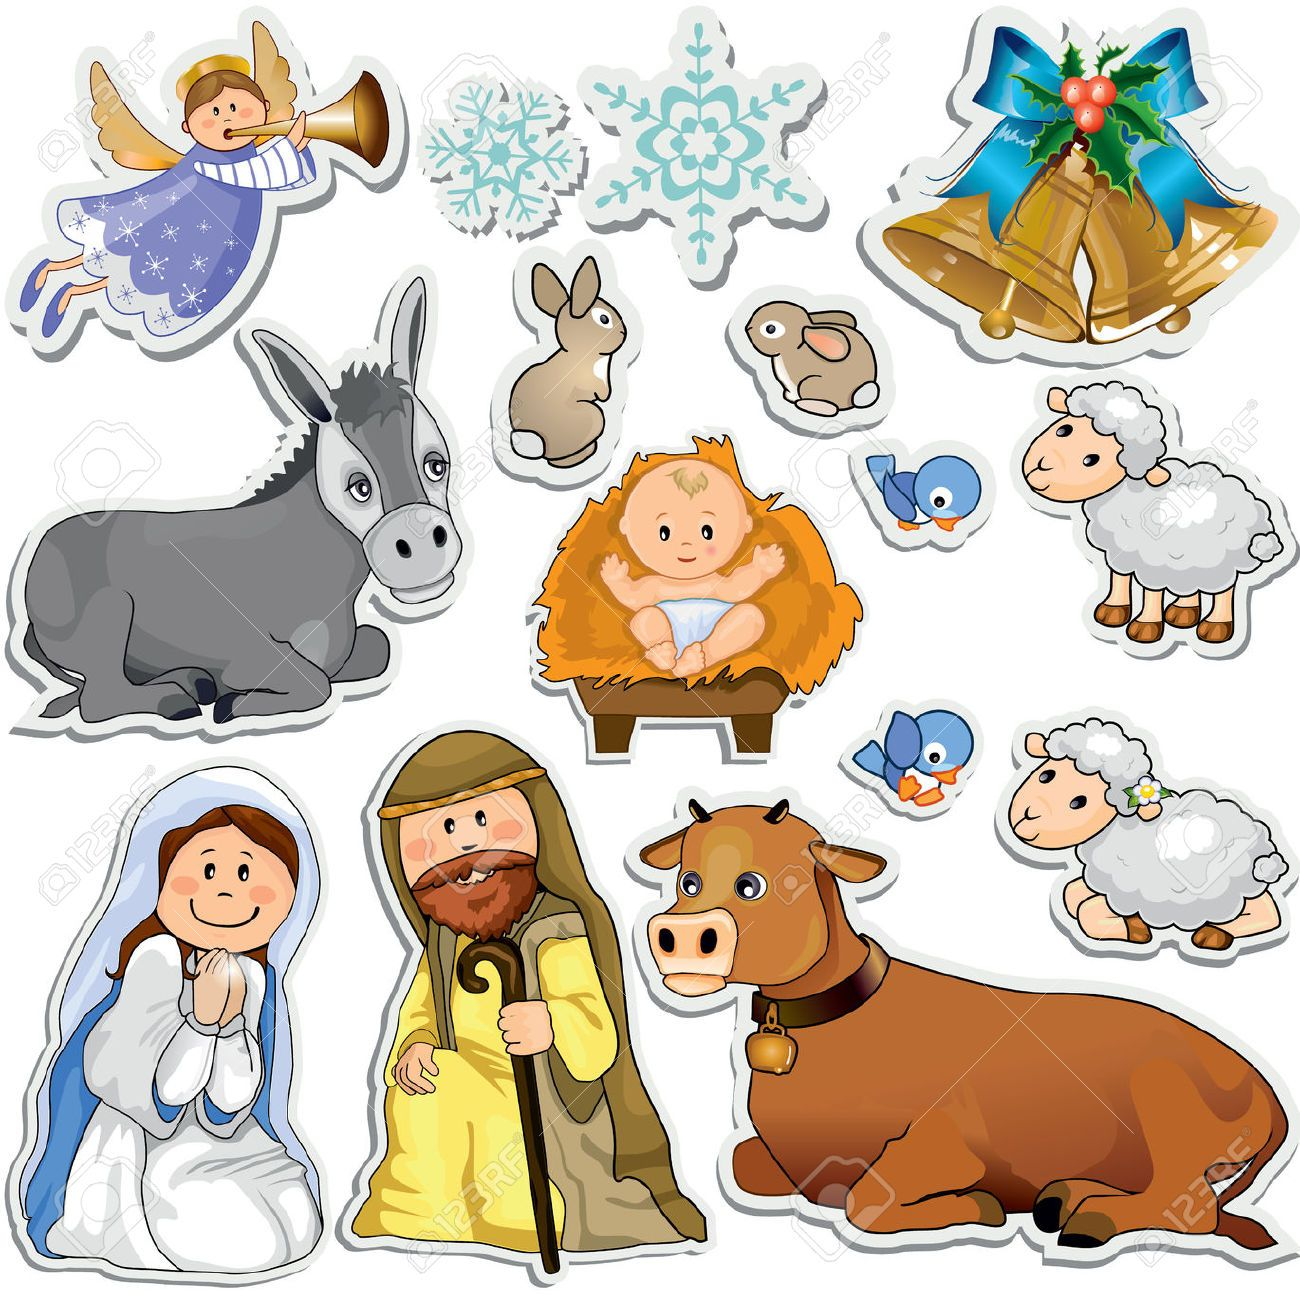 hight resolution of jogo do natal adesivos que representam os personagens da sagrada fam lia gradient m scara eps10 royalty free cliparts vetores e ilustra es stock